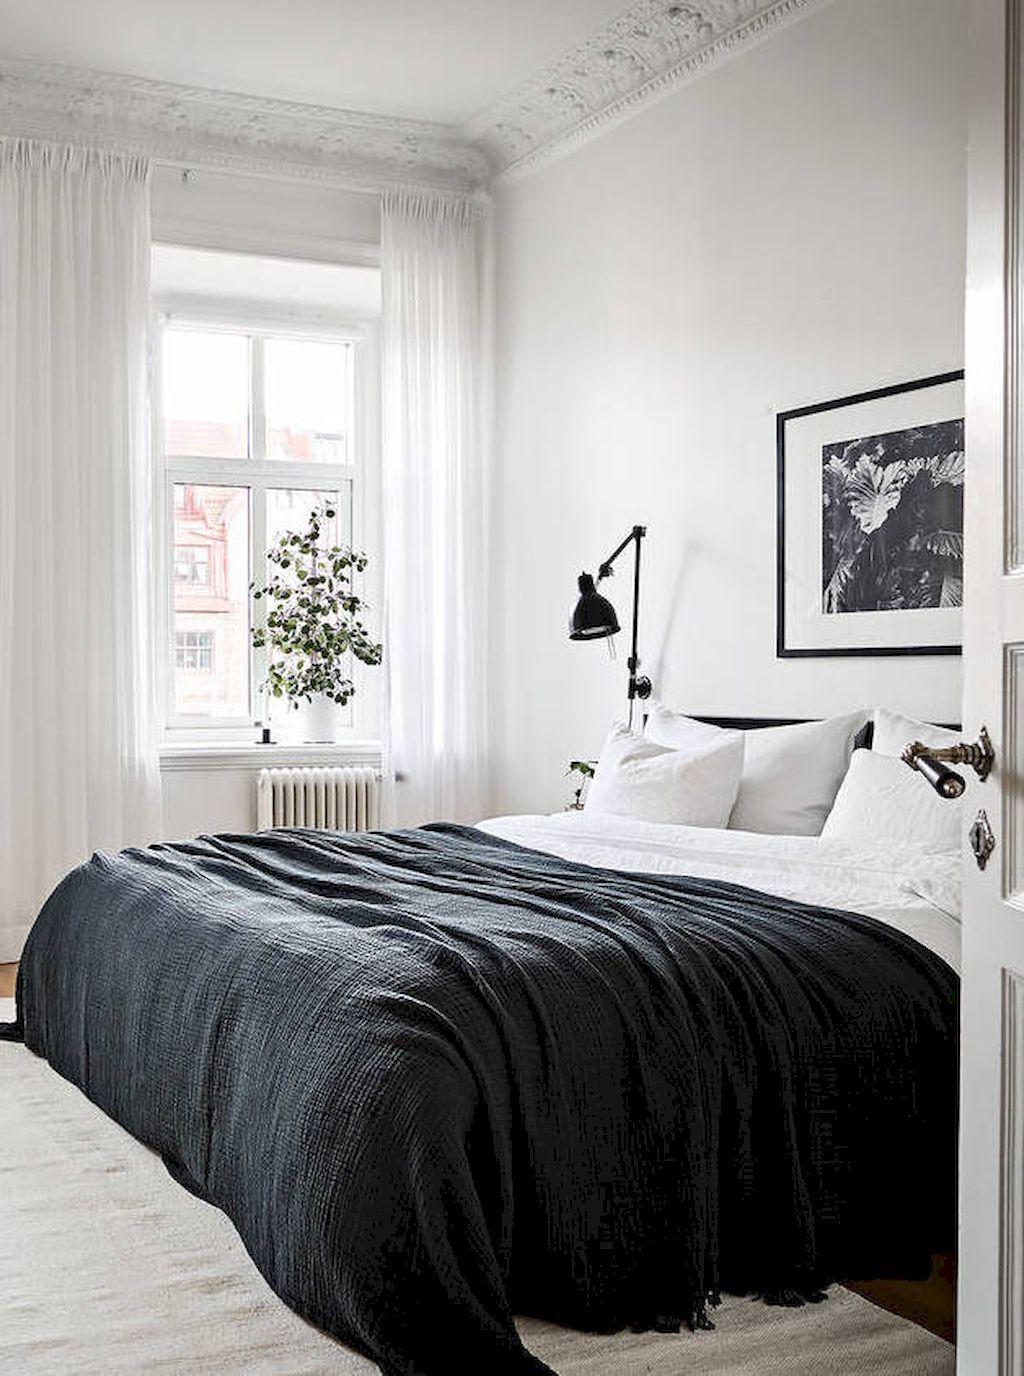 Minimalist Bedroom Design 60 Minimalist Bedroom Ideas Decoration  Minimalist Bedroom